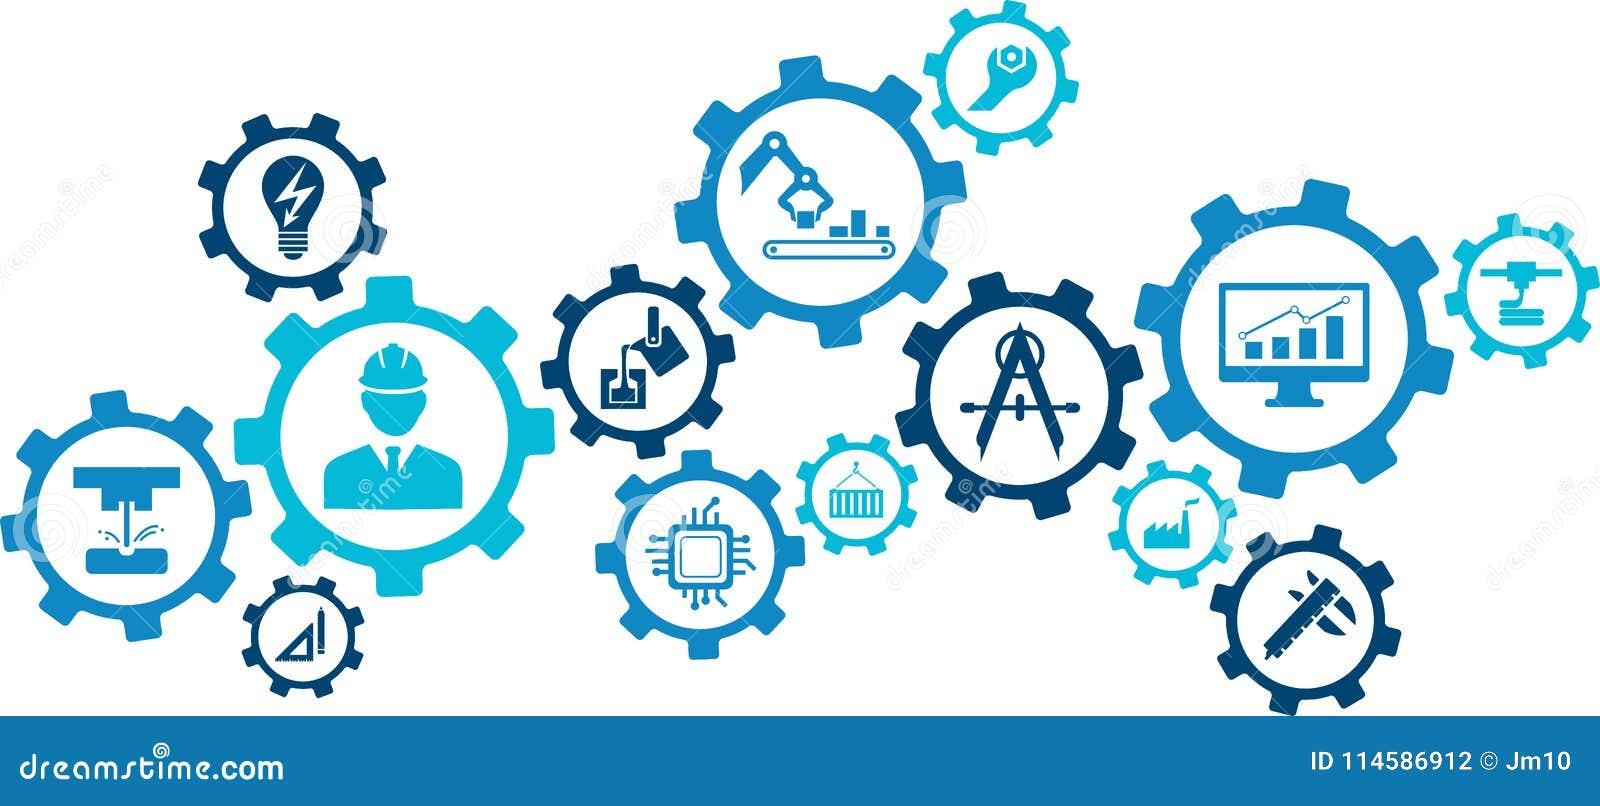 Illustrazione di ingegneria: digitalizzazione, tecnologia, innovazione - concetto astratto